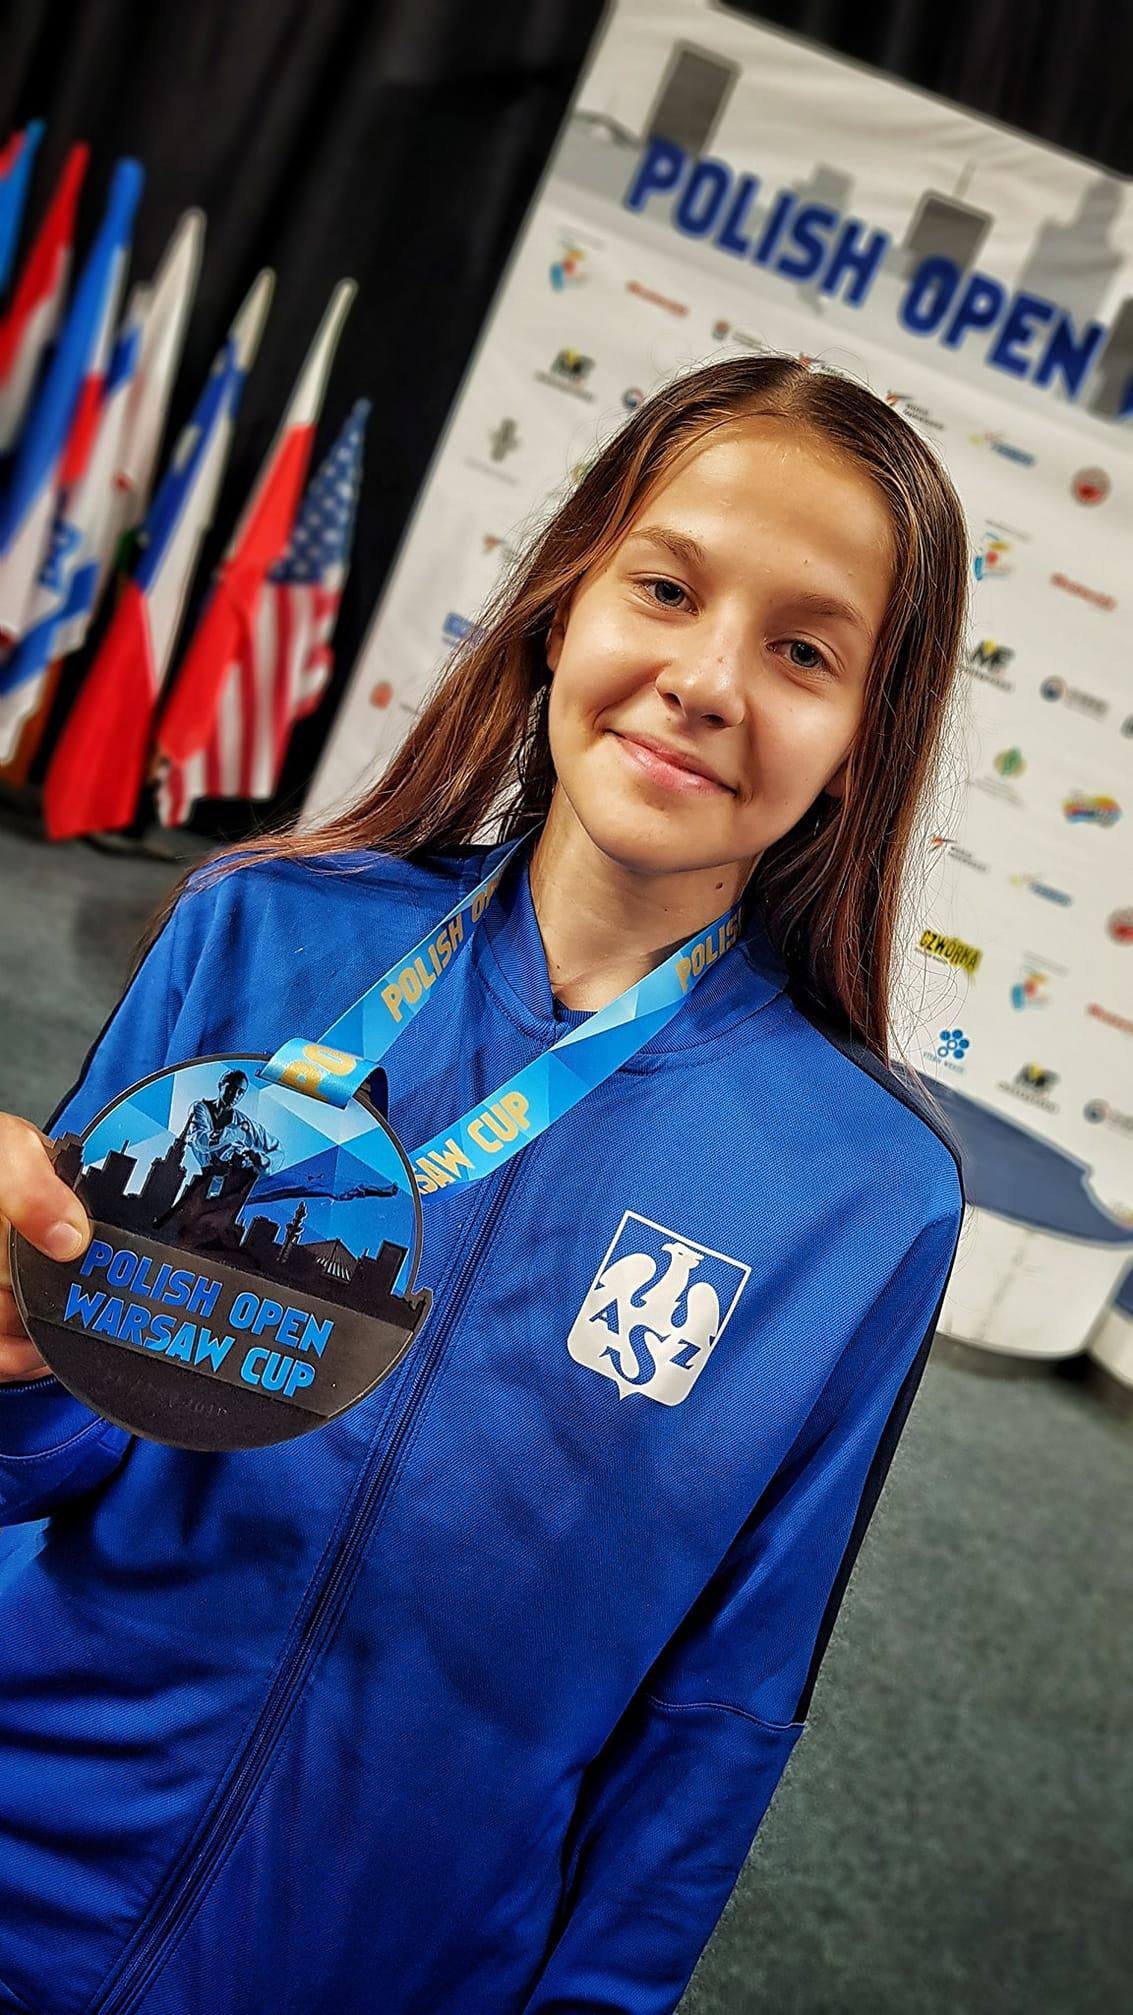 Marta Burzyńska prezentująca medal z Polish Open Warsaw Cup.